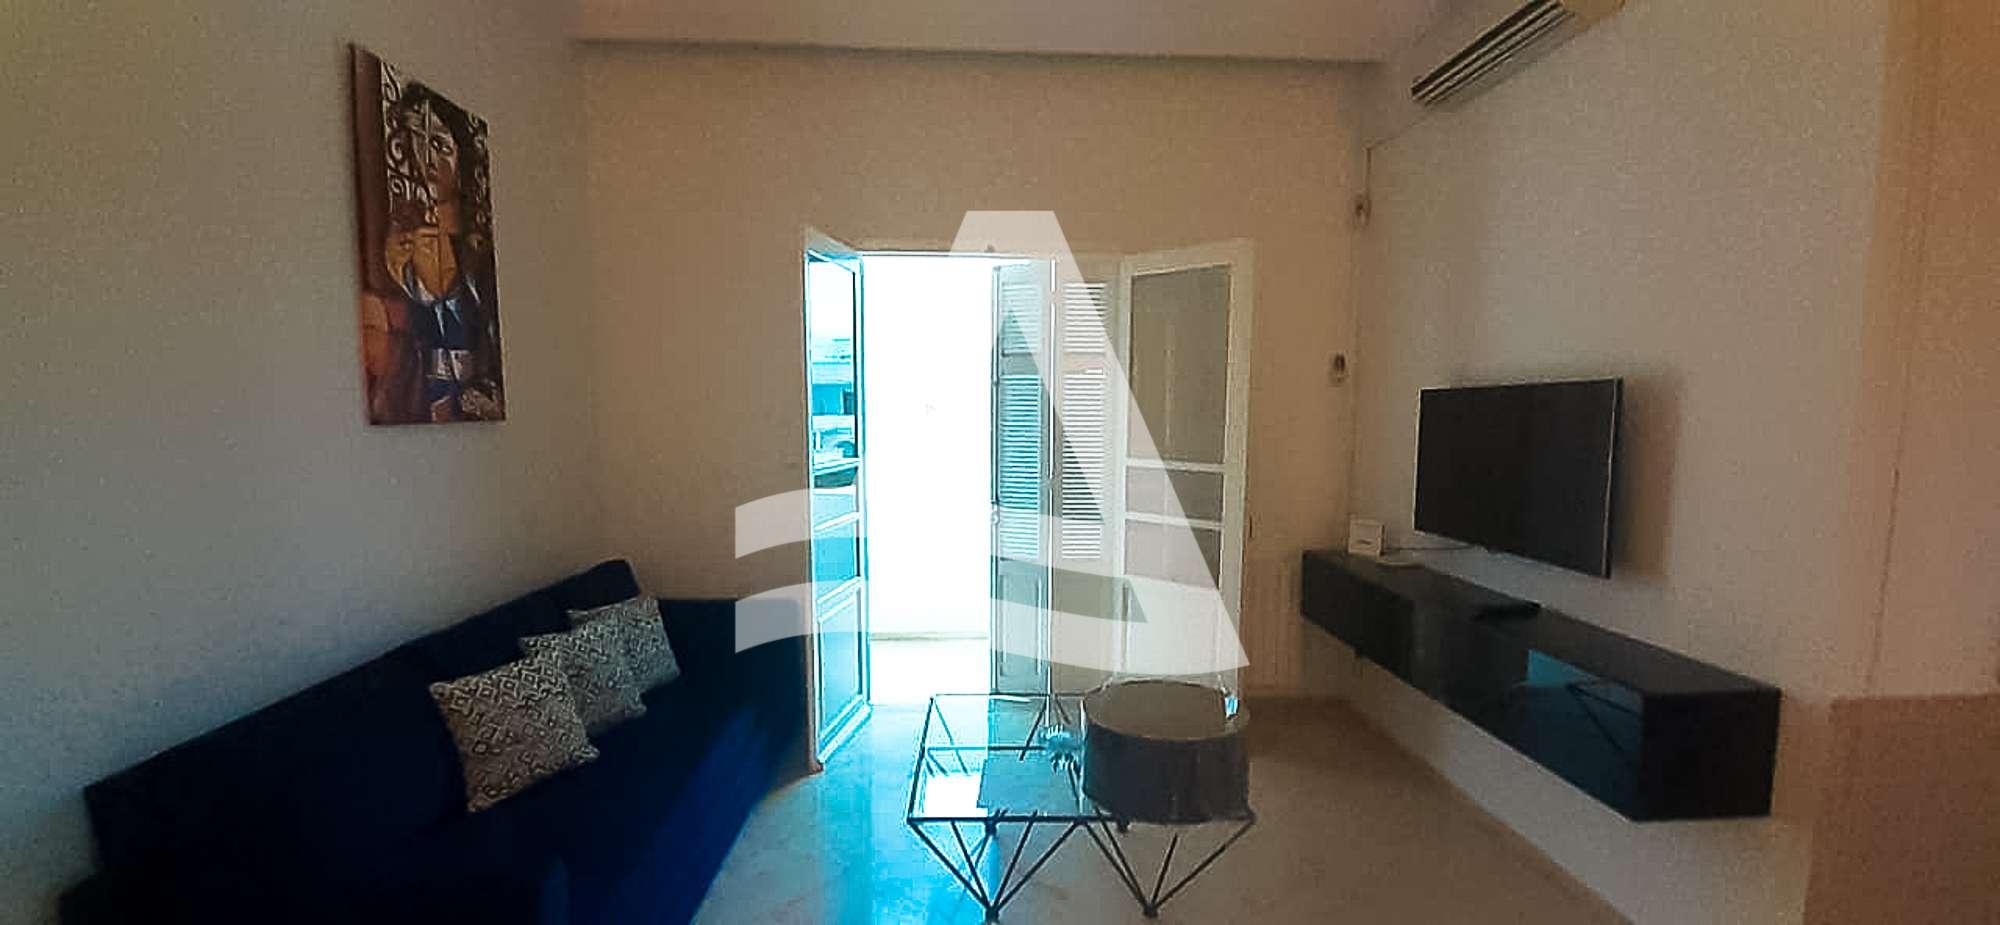 httpss3.amazonaws.comlogimoaws_Arcane_immobilière_la_Marsa-_location_-_vente_la_marsa___1583429652937-2